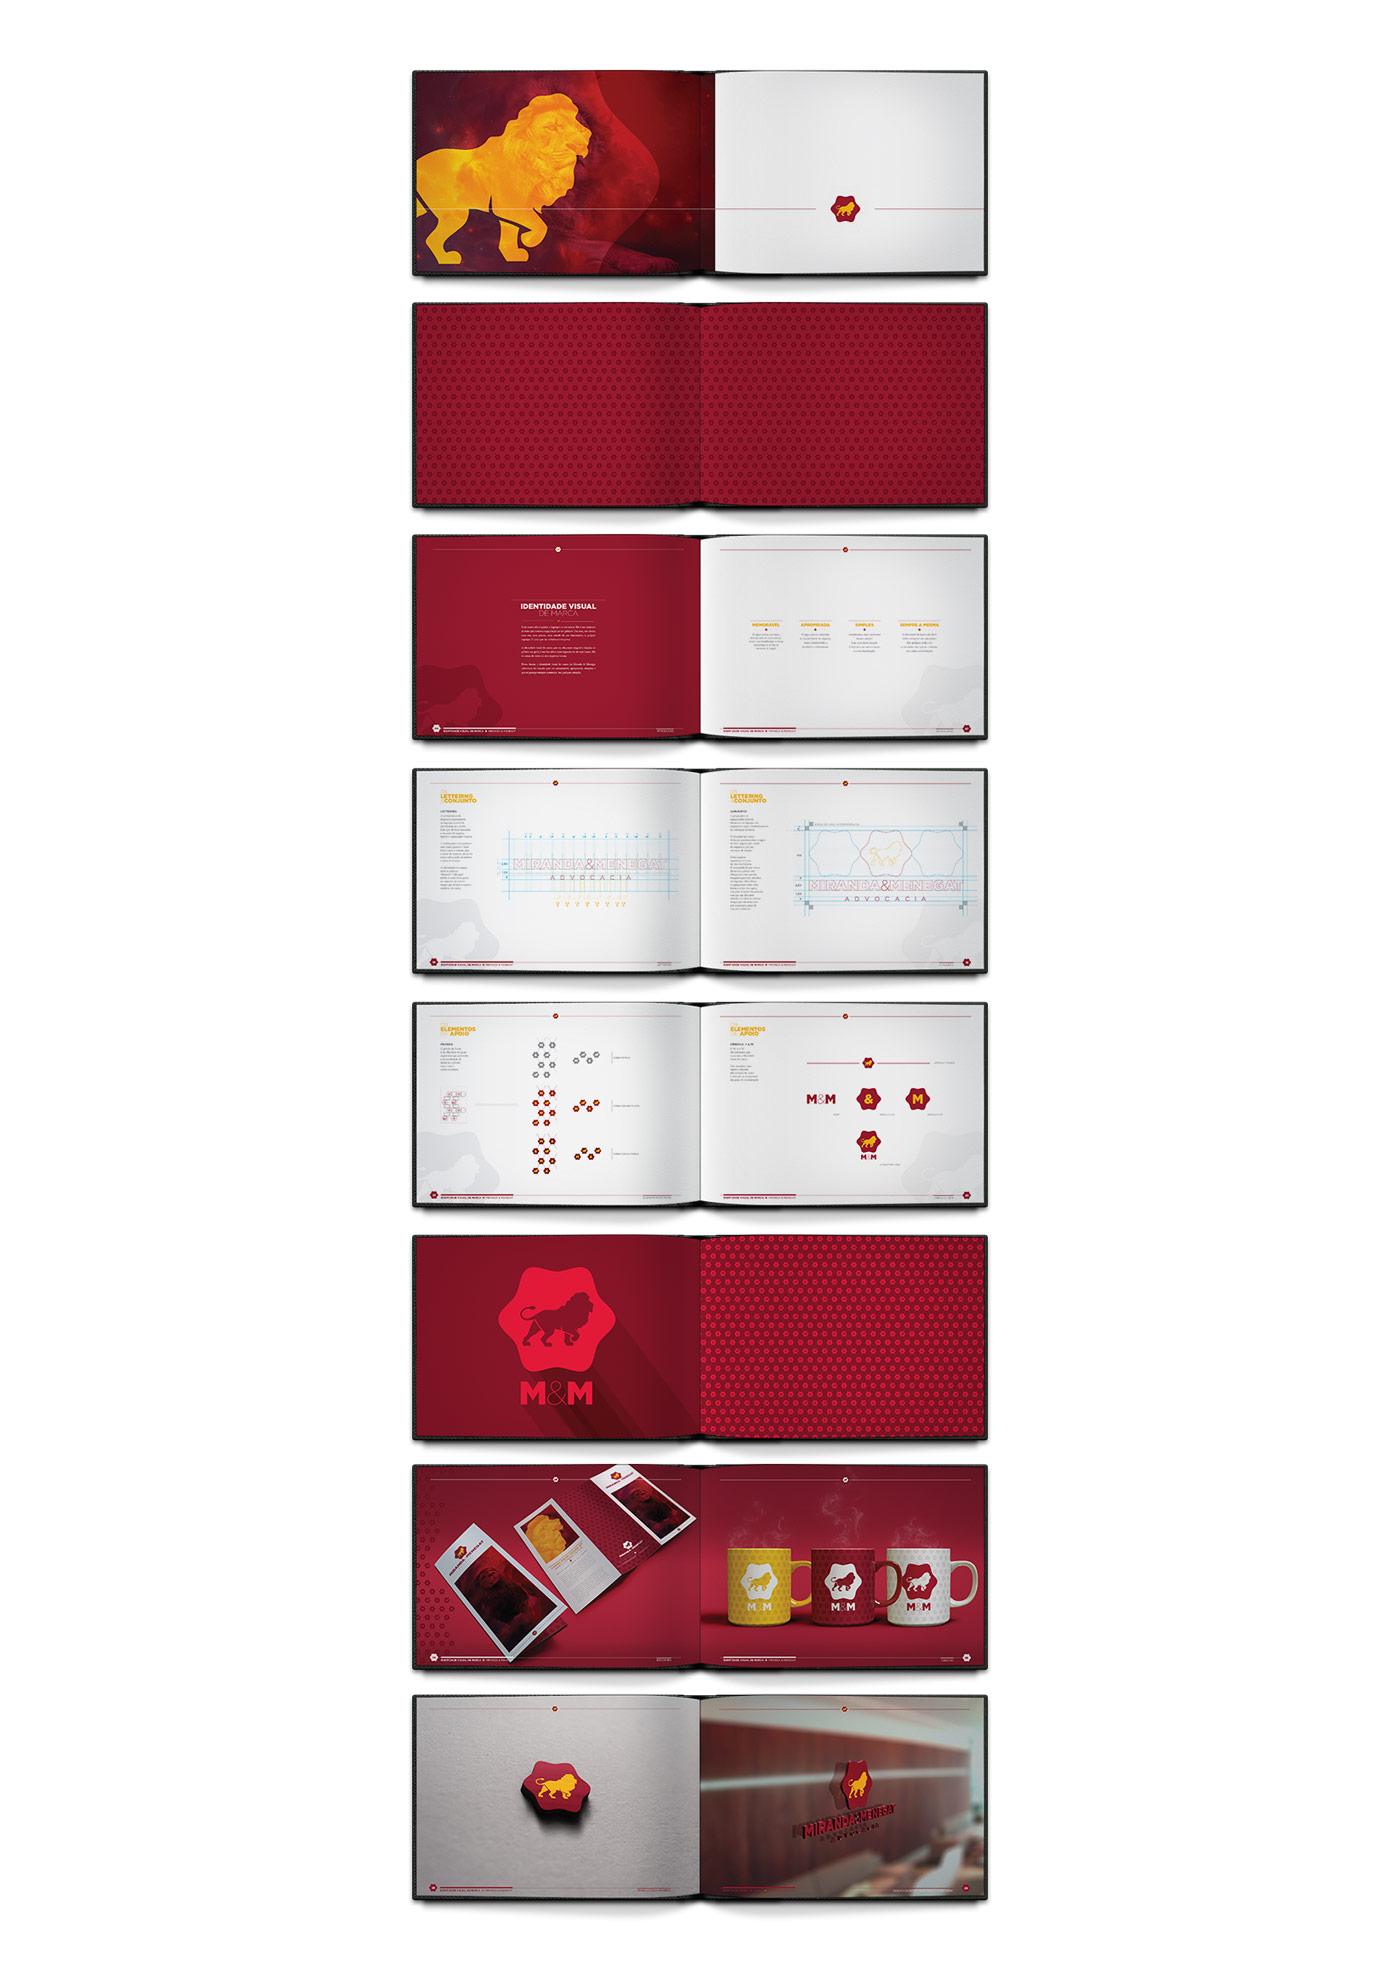 Portfolio - M&M Advogados - Branding - Livro da marca ou brand book